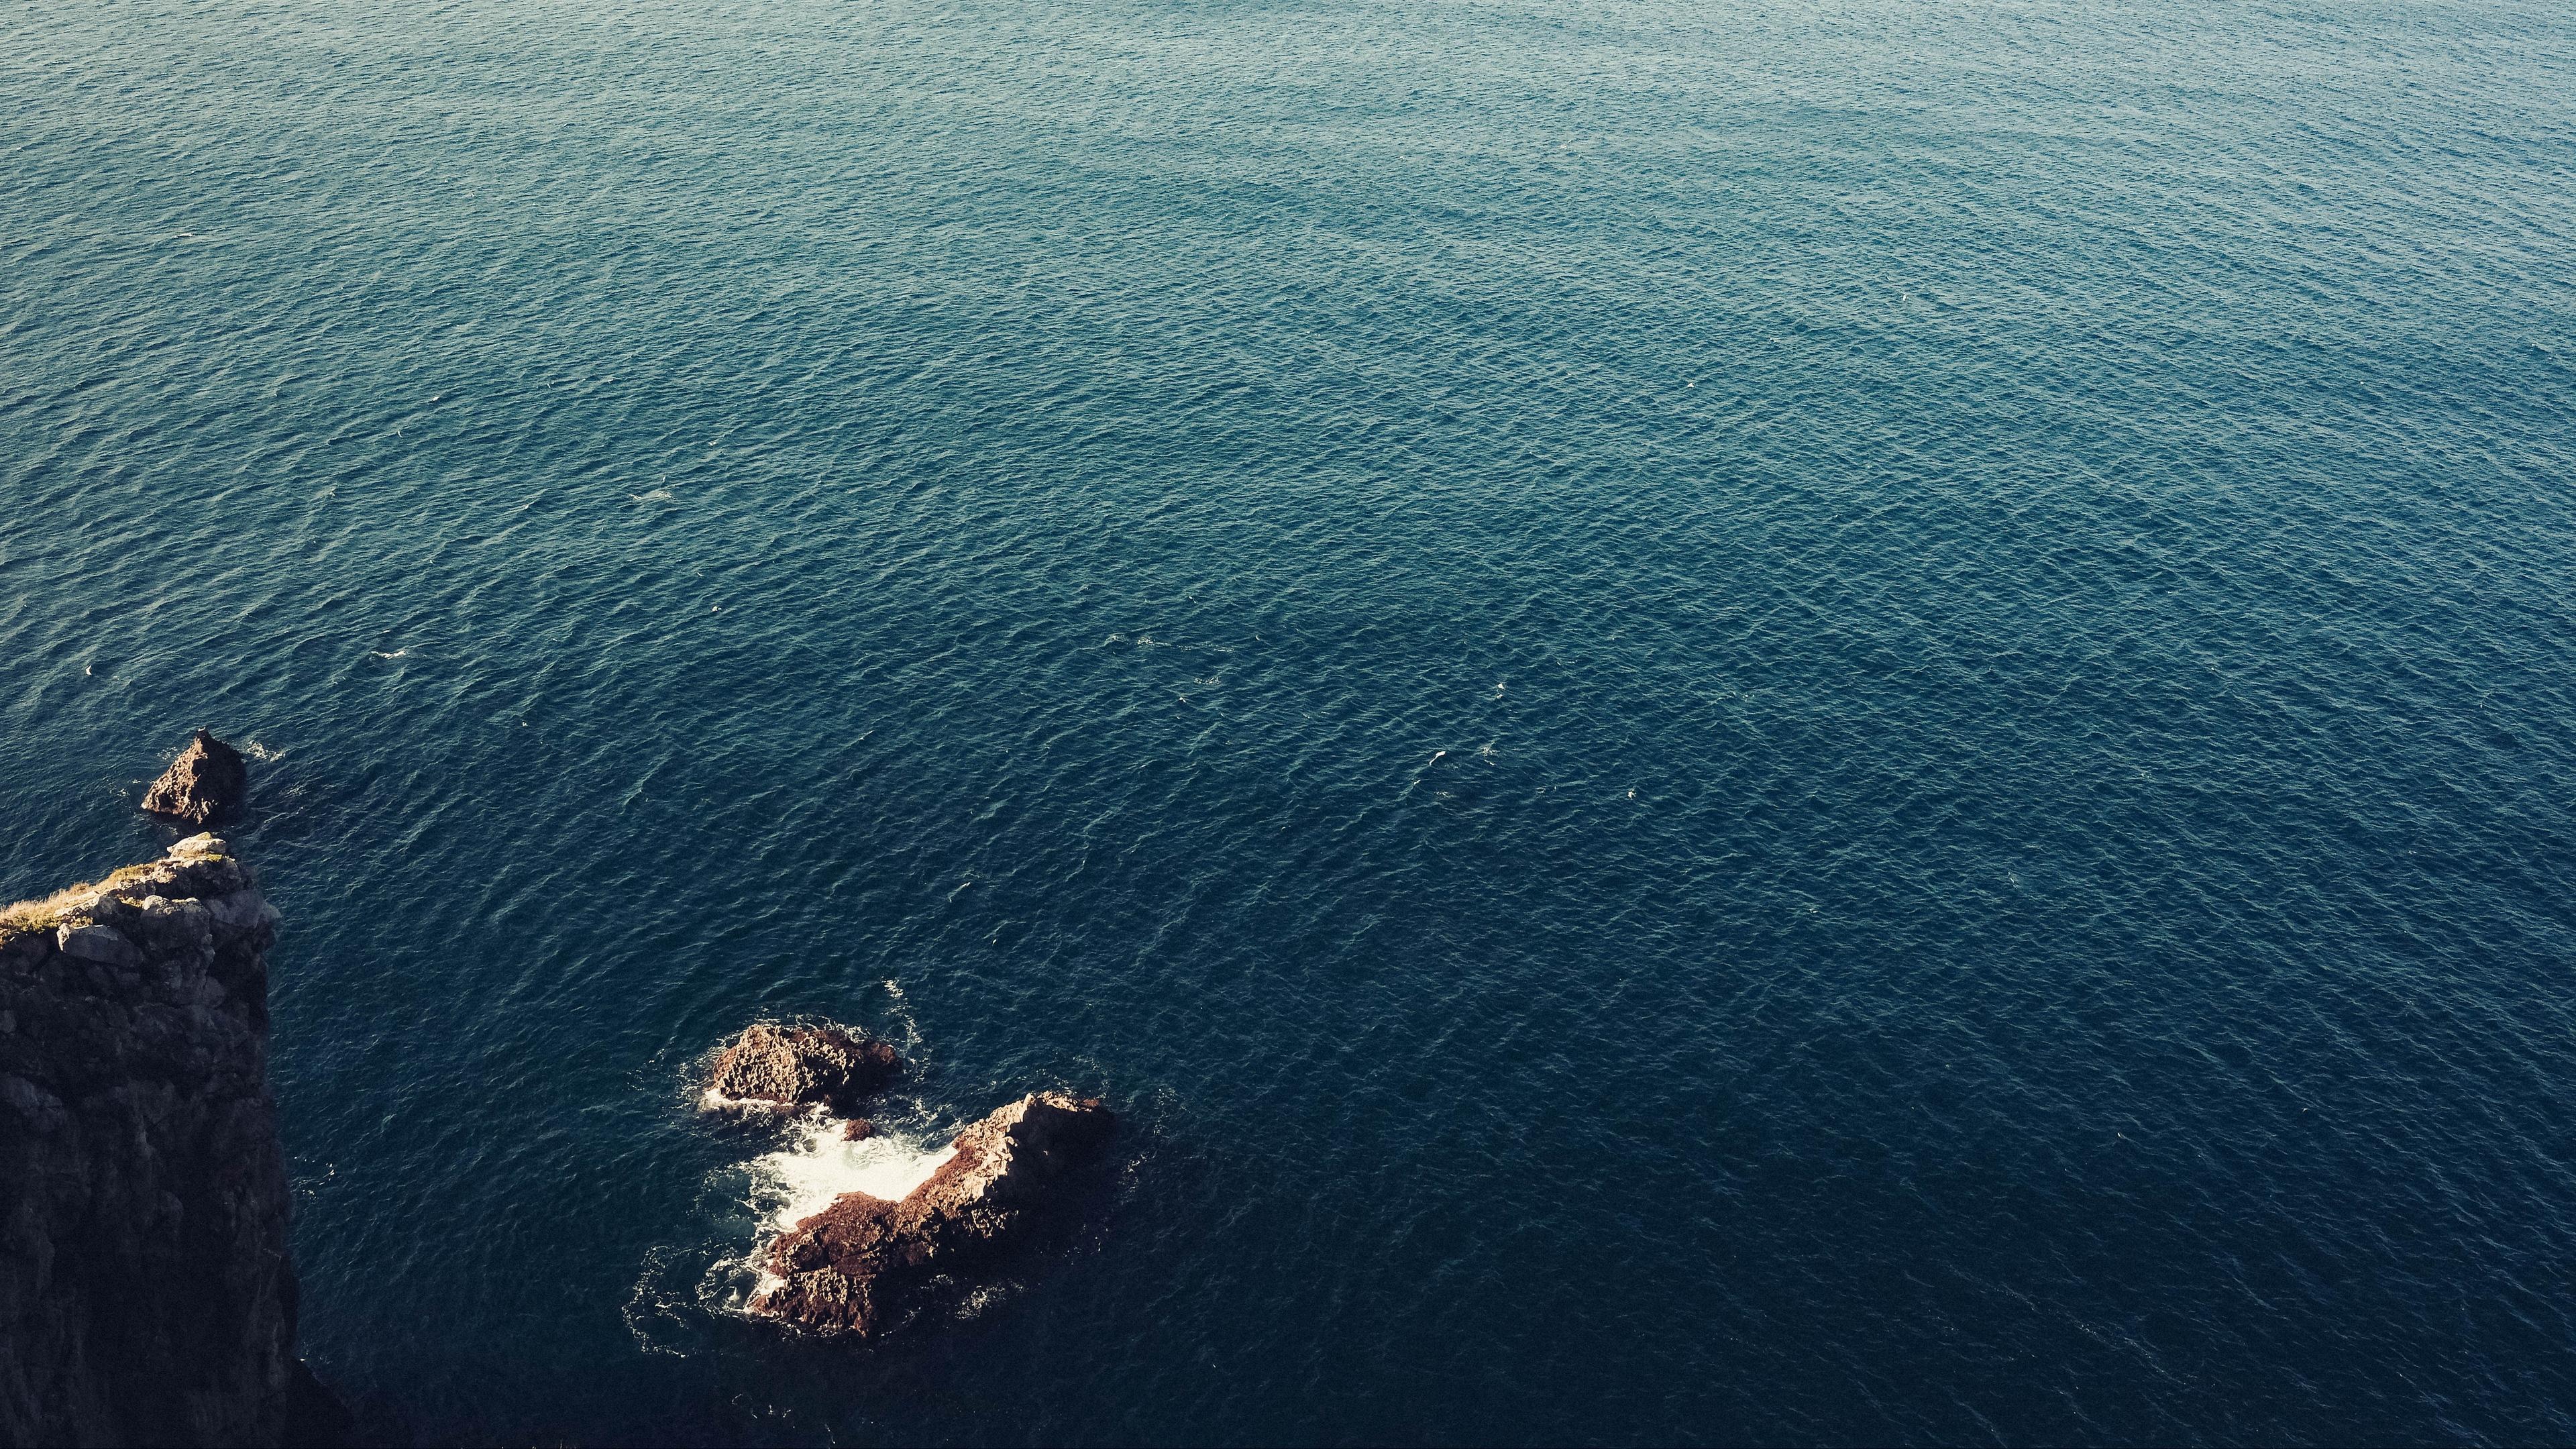 sea surface water 4k 1541114078 - sea, surface, water 4k - Water, Surface, Sea